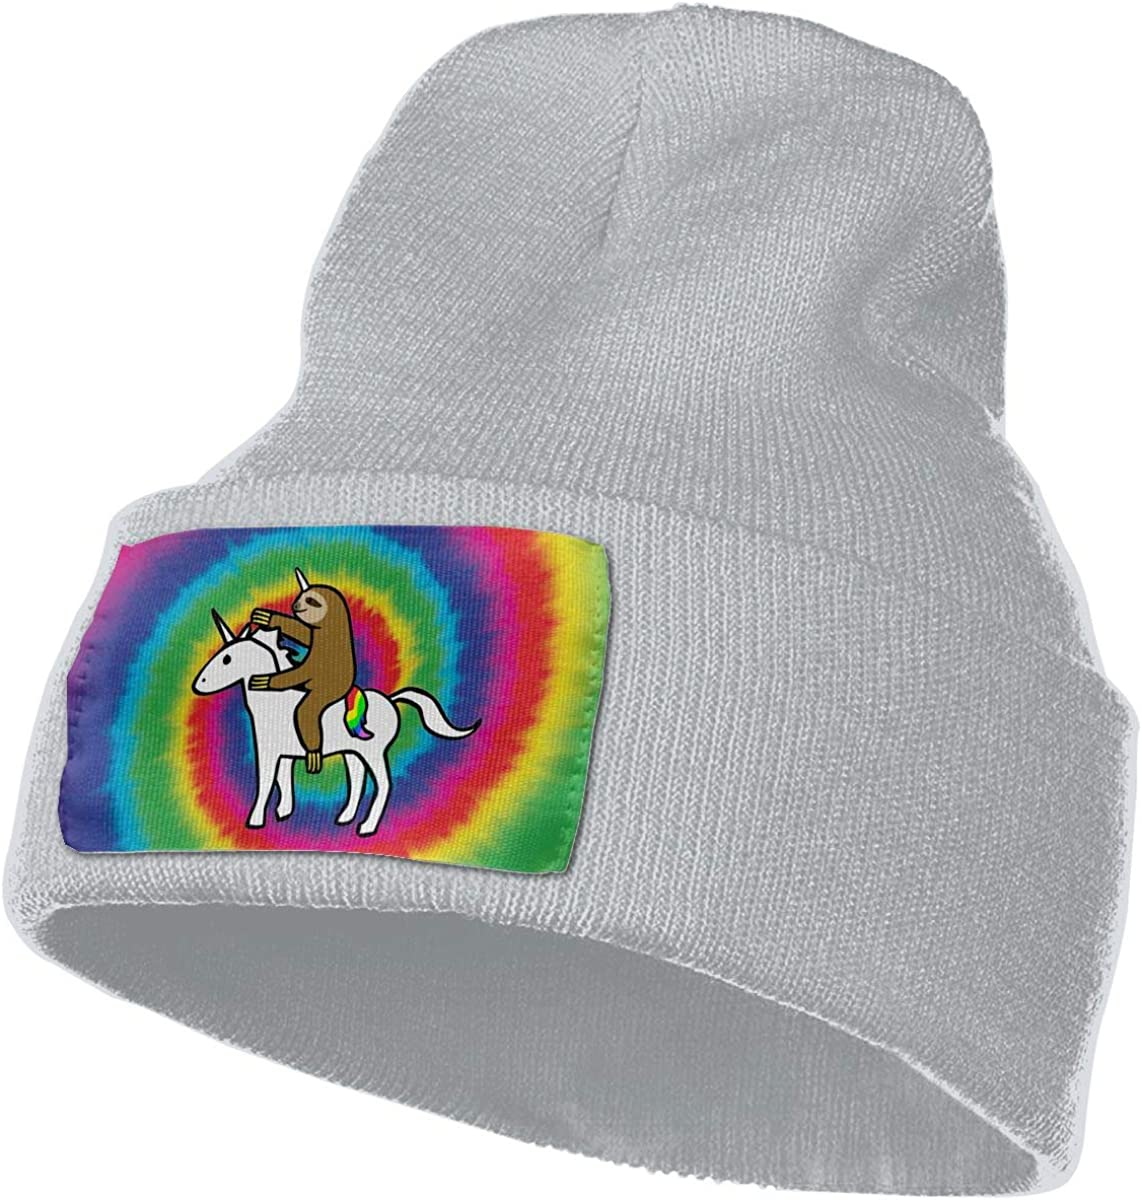 Funny Sloth Riding Unicorn Winter Beanie Hat Knit Skull Cap for for Men /& Women